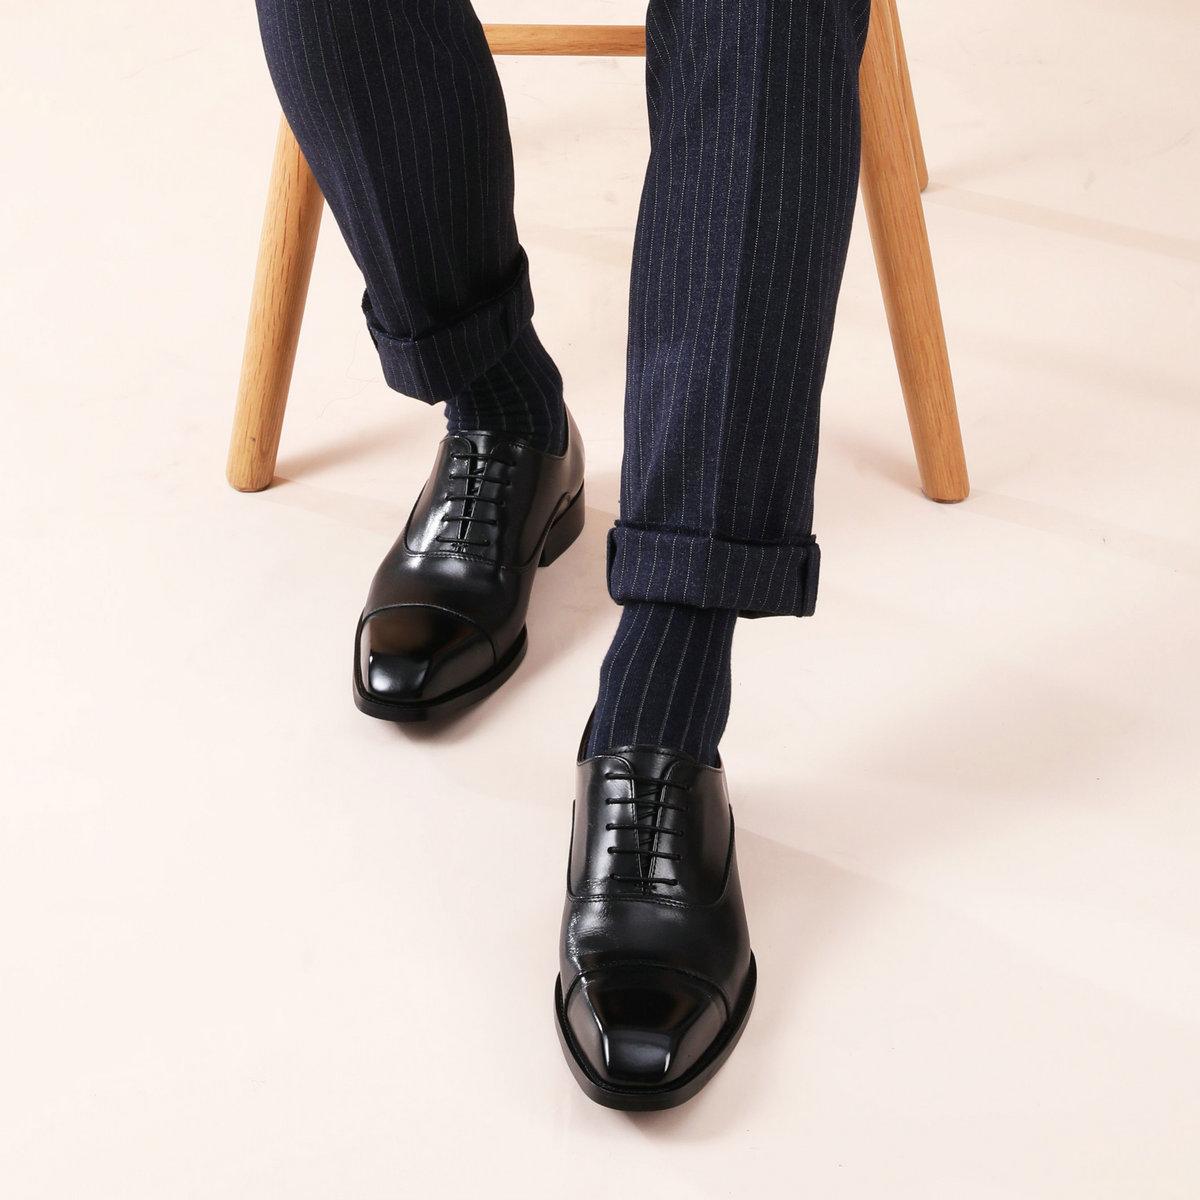 牛皮高档皮鞋 【高档皮质系列】手工男鞋真皮商务正装系带牛津皮鞋英伦方头牛皮_推荐淘宝好看的牛皮高档皮鞋